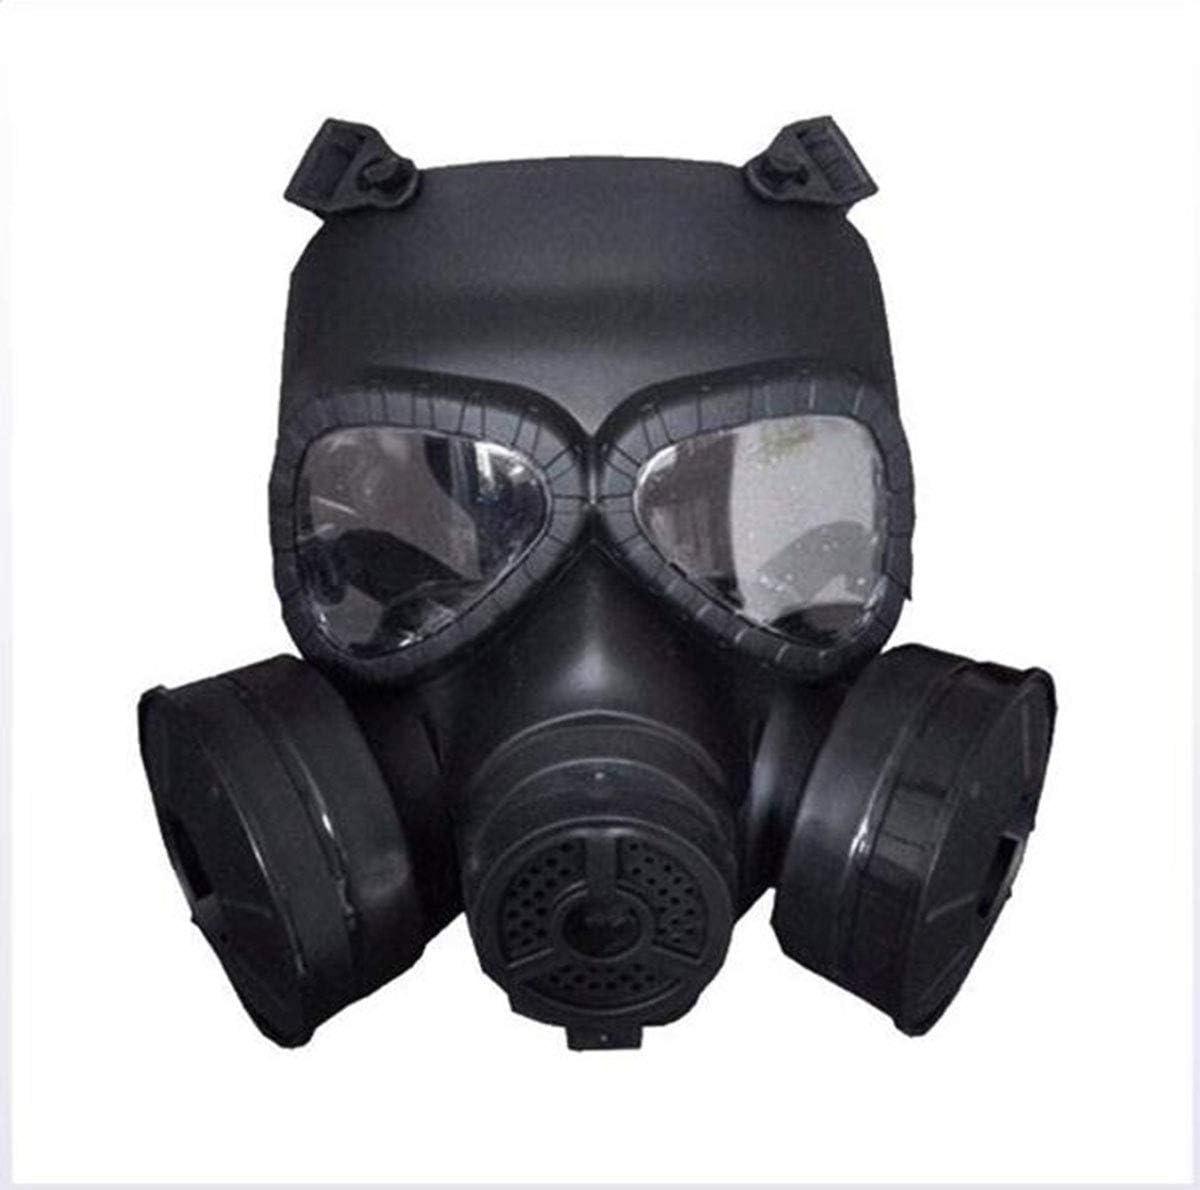 Hyl Máscara de Gas, protección Completa de 360 °, protección de Sellado Completo, ampliamente Utilizada en Pintura de Repuesto, carpintería, protección contra el Polvo